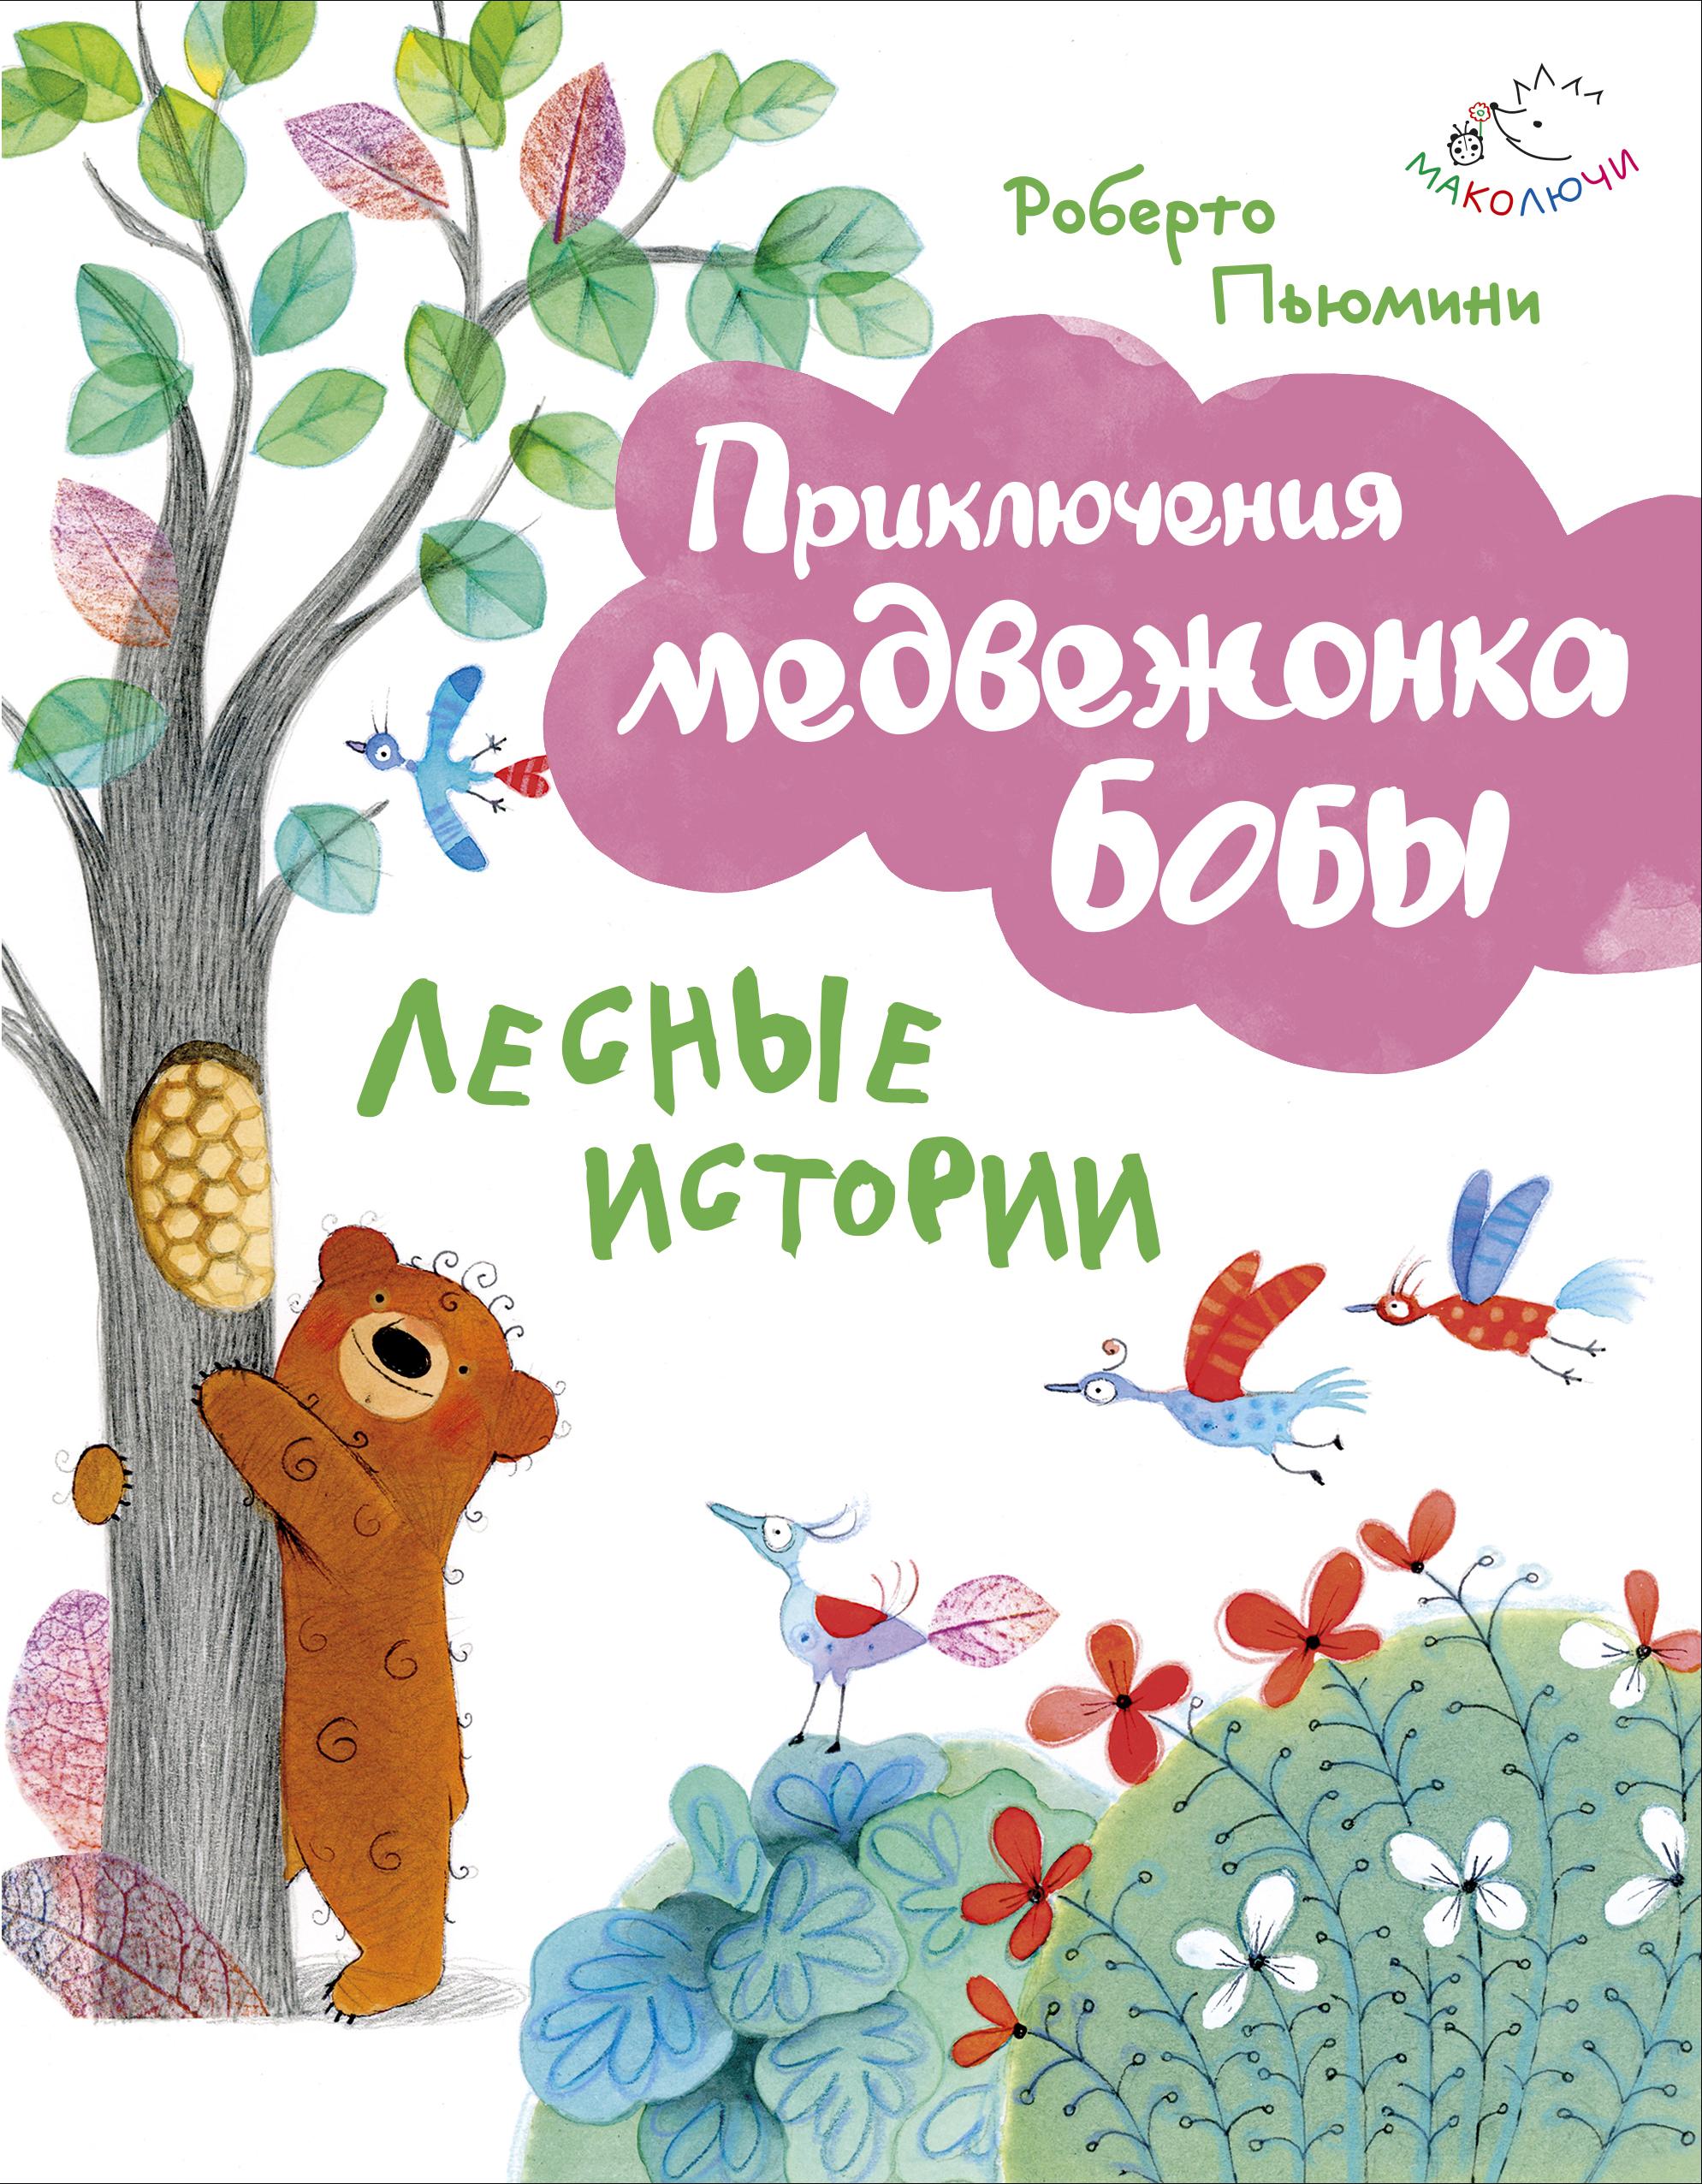 купить Роберто Пьюмини Лесные истории (ил. А. Курти) по цене 301 рублей